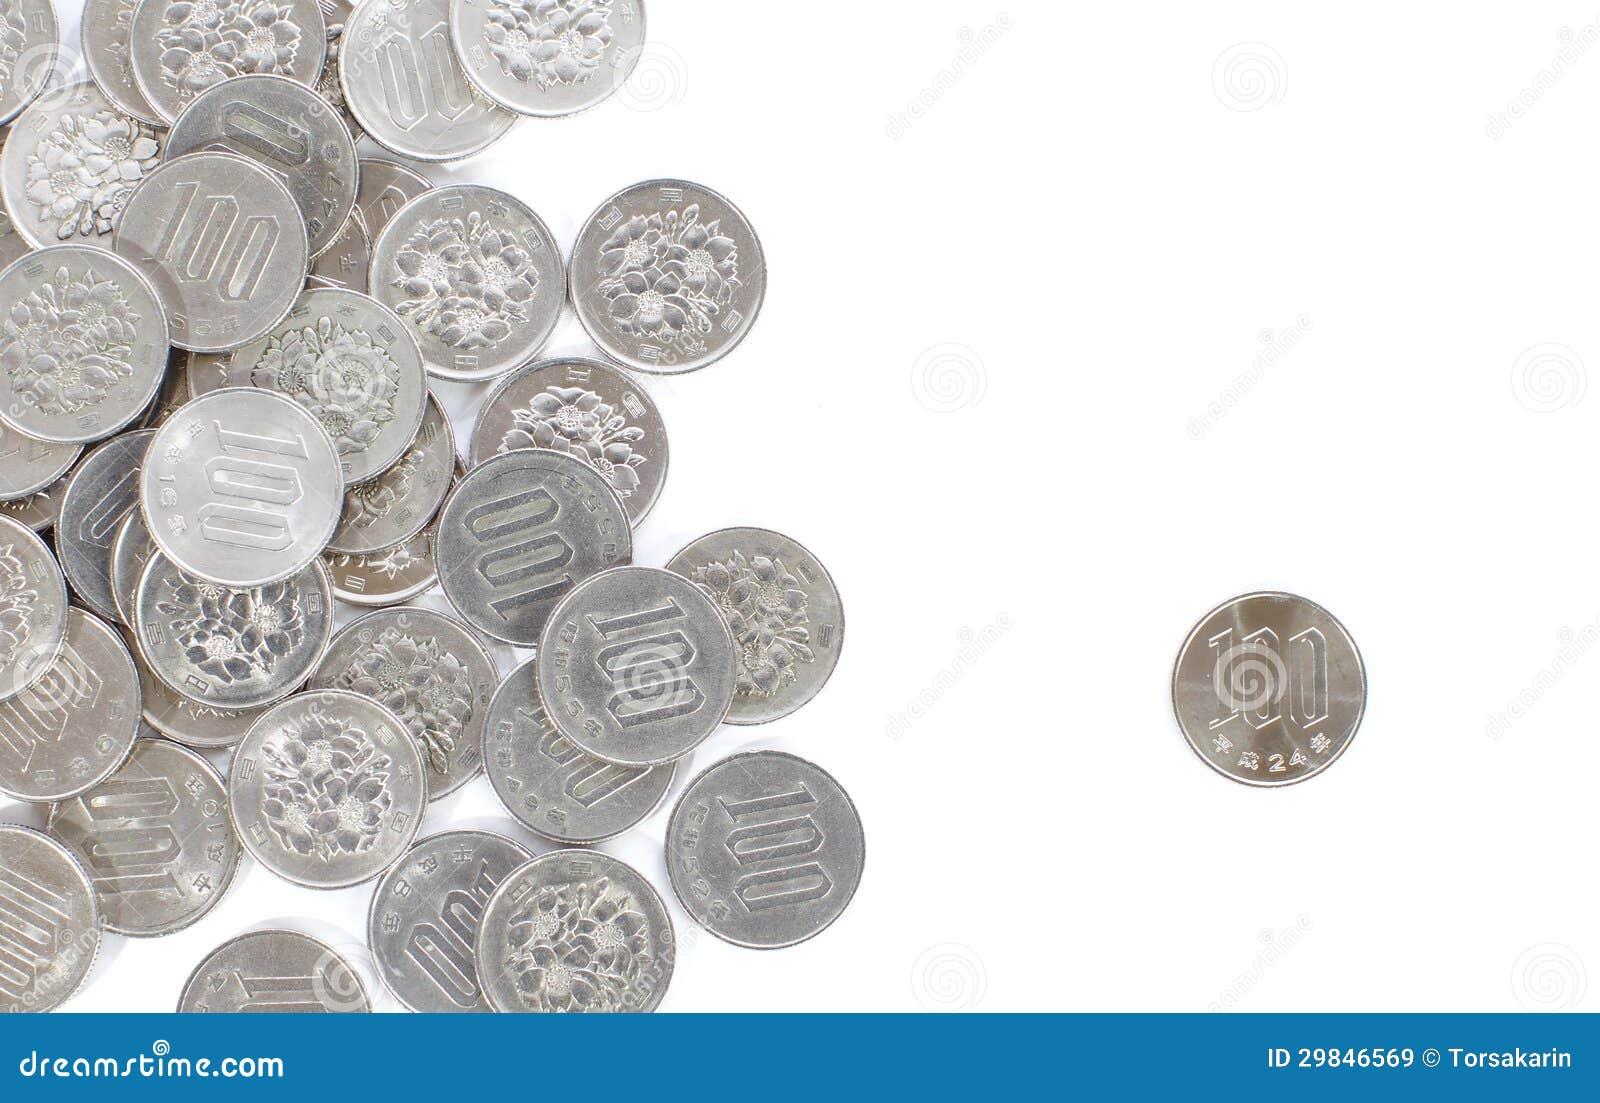 Moneda de 100 yenes japoneses aislada en el fondo blanco